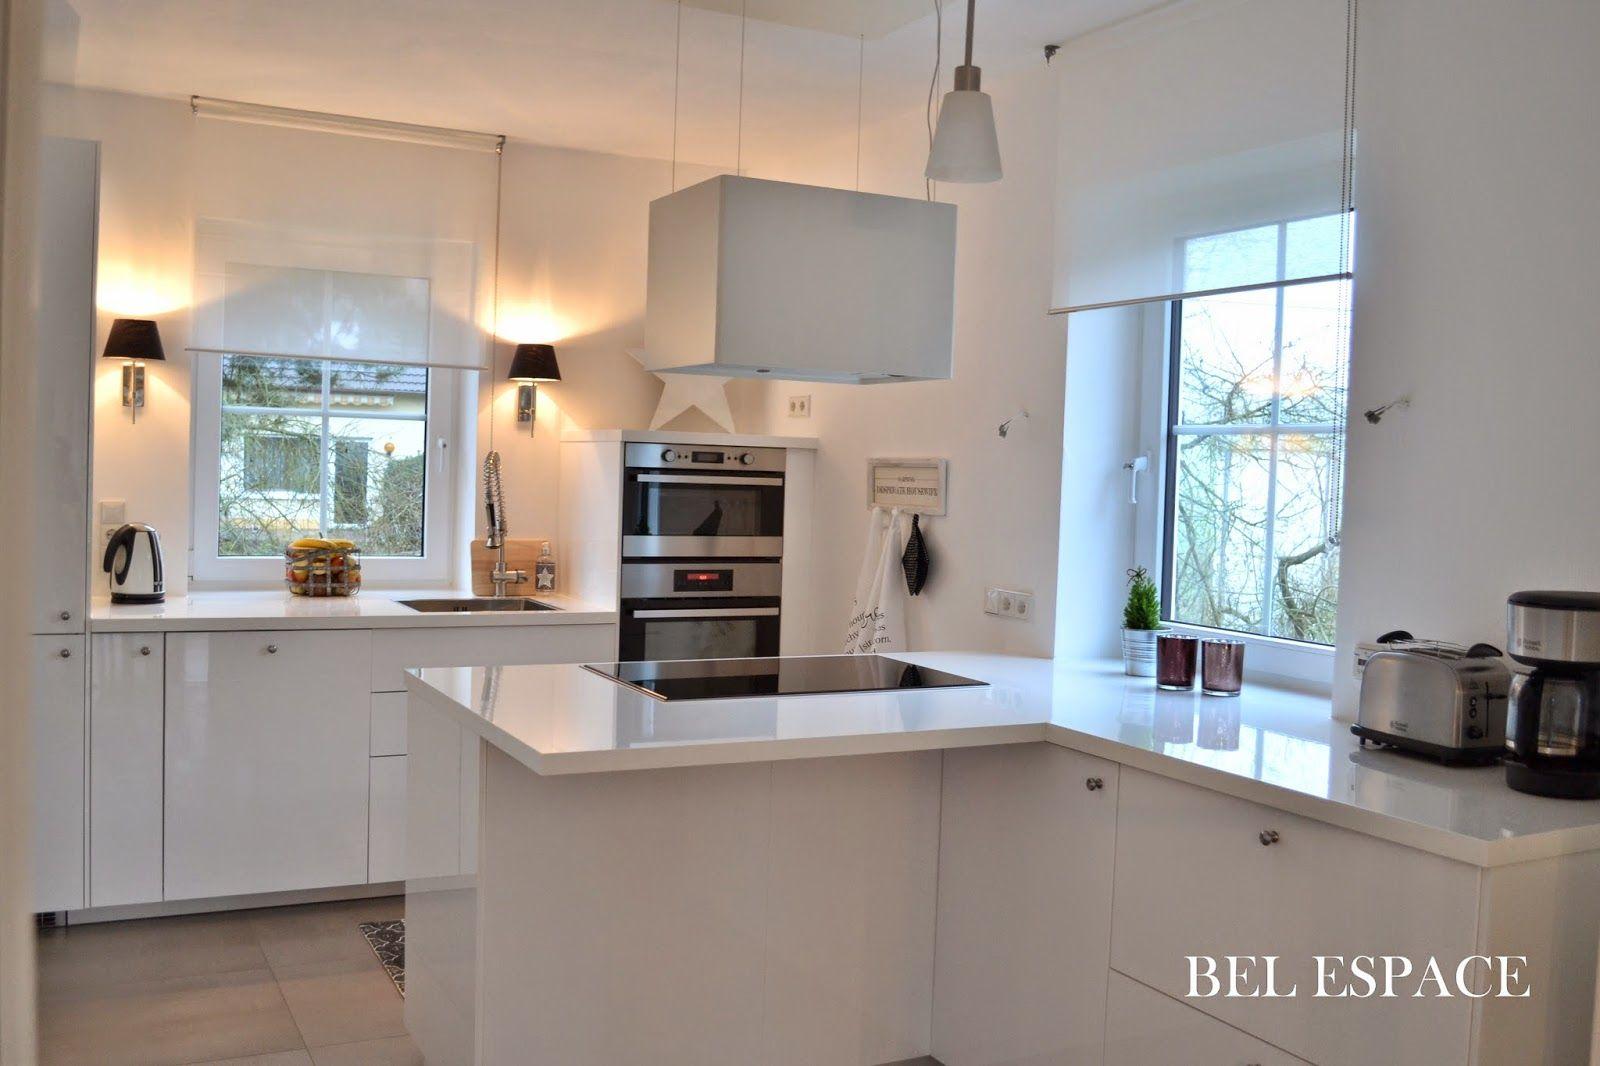 BEL ESPACE: Küche & Co oder ein Traum in weiß.... | Kitchen ...